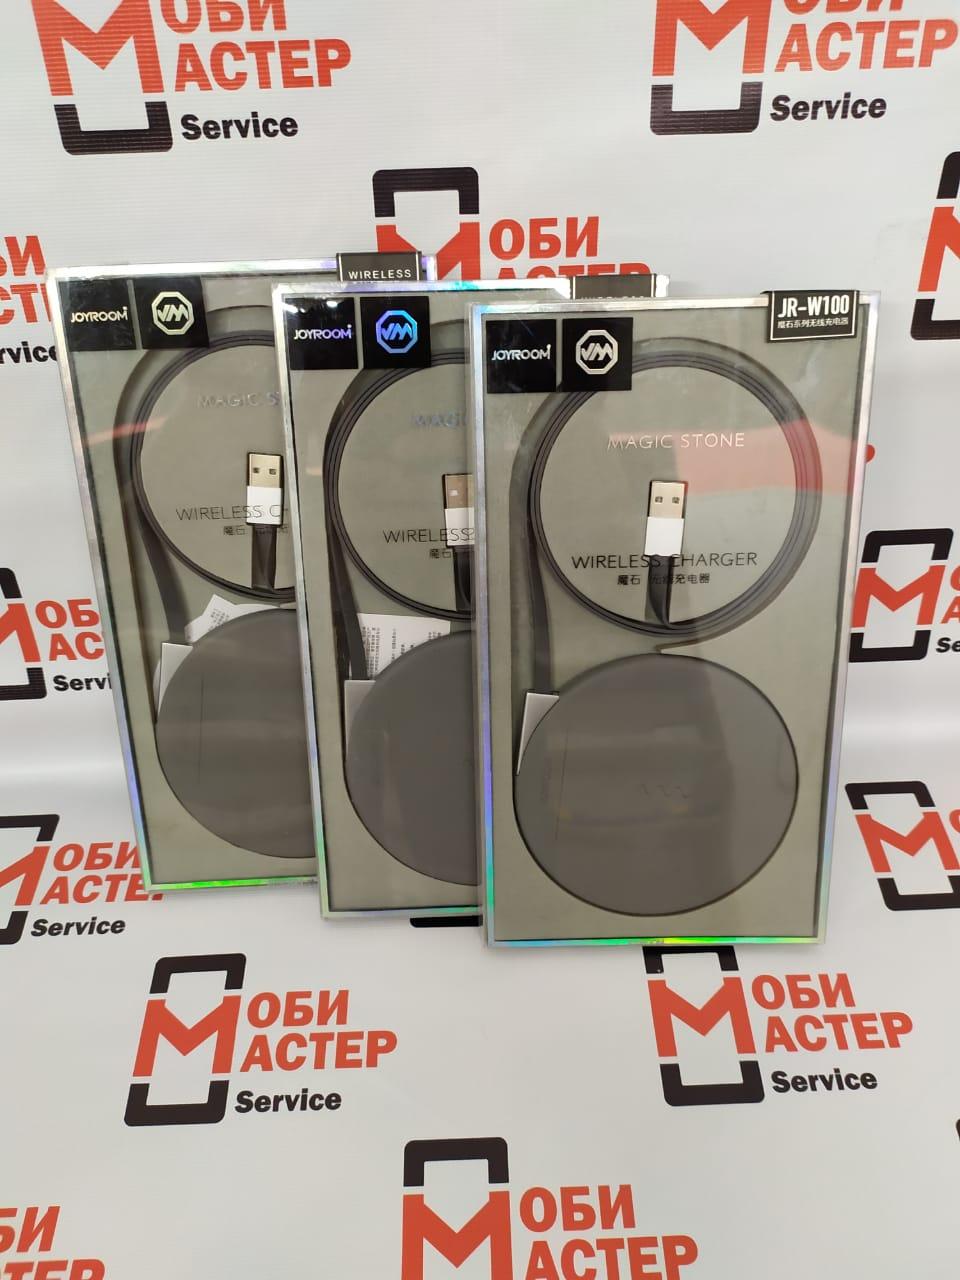 Беспроводное ЗУ Joyroom JR-W100